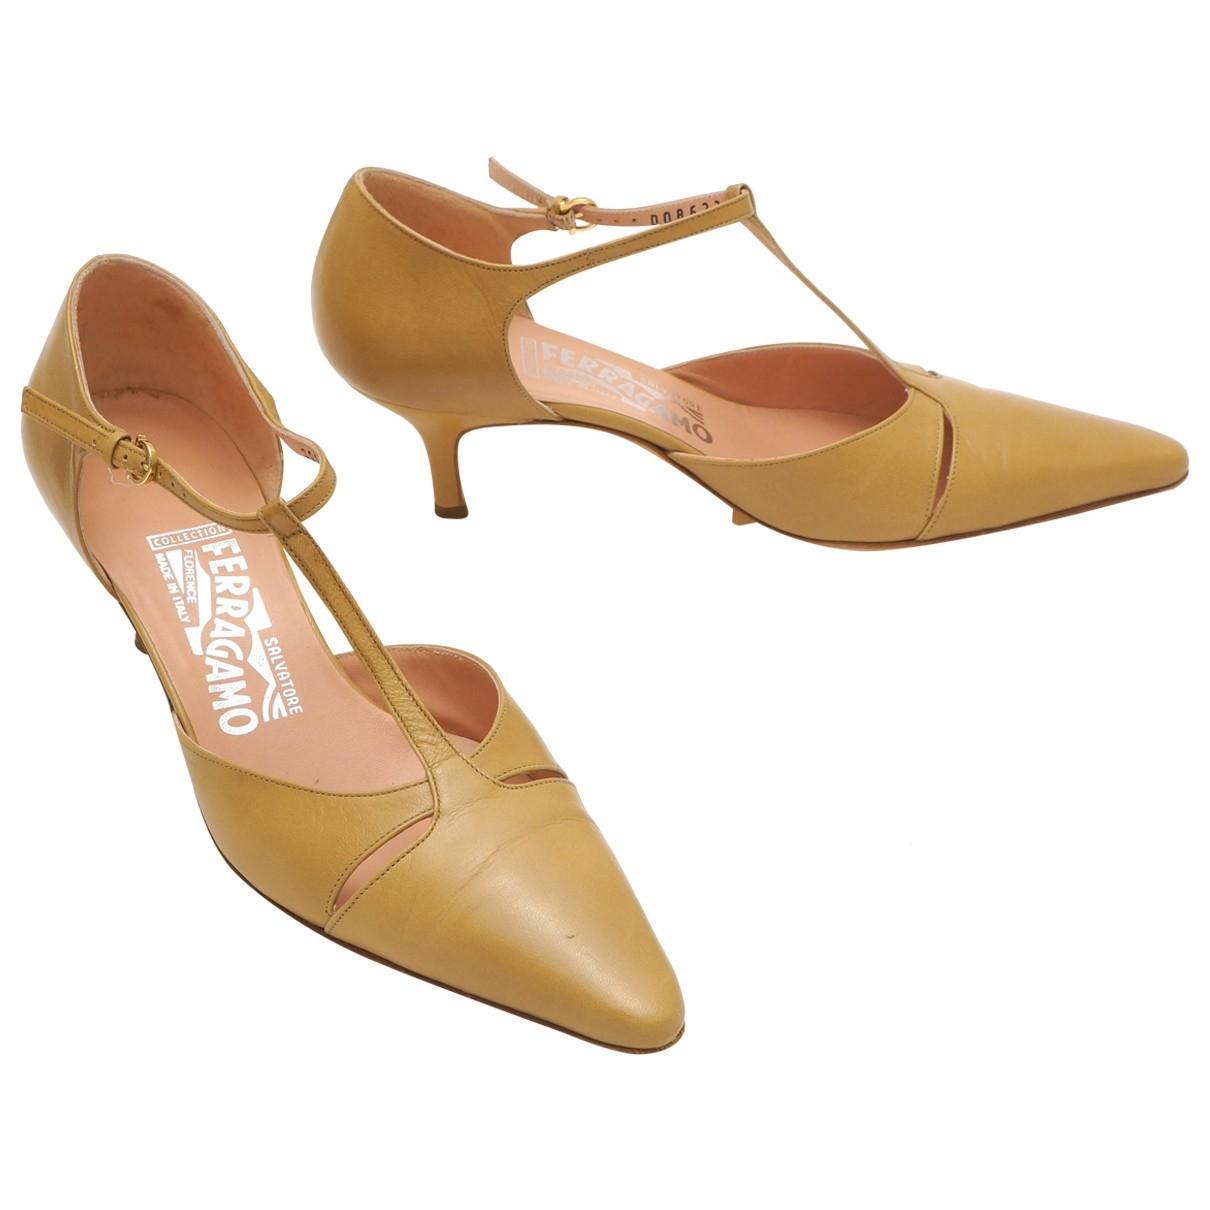 Salvatore Ferragamo \N Beige Leather Heels for Women 7 US